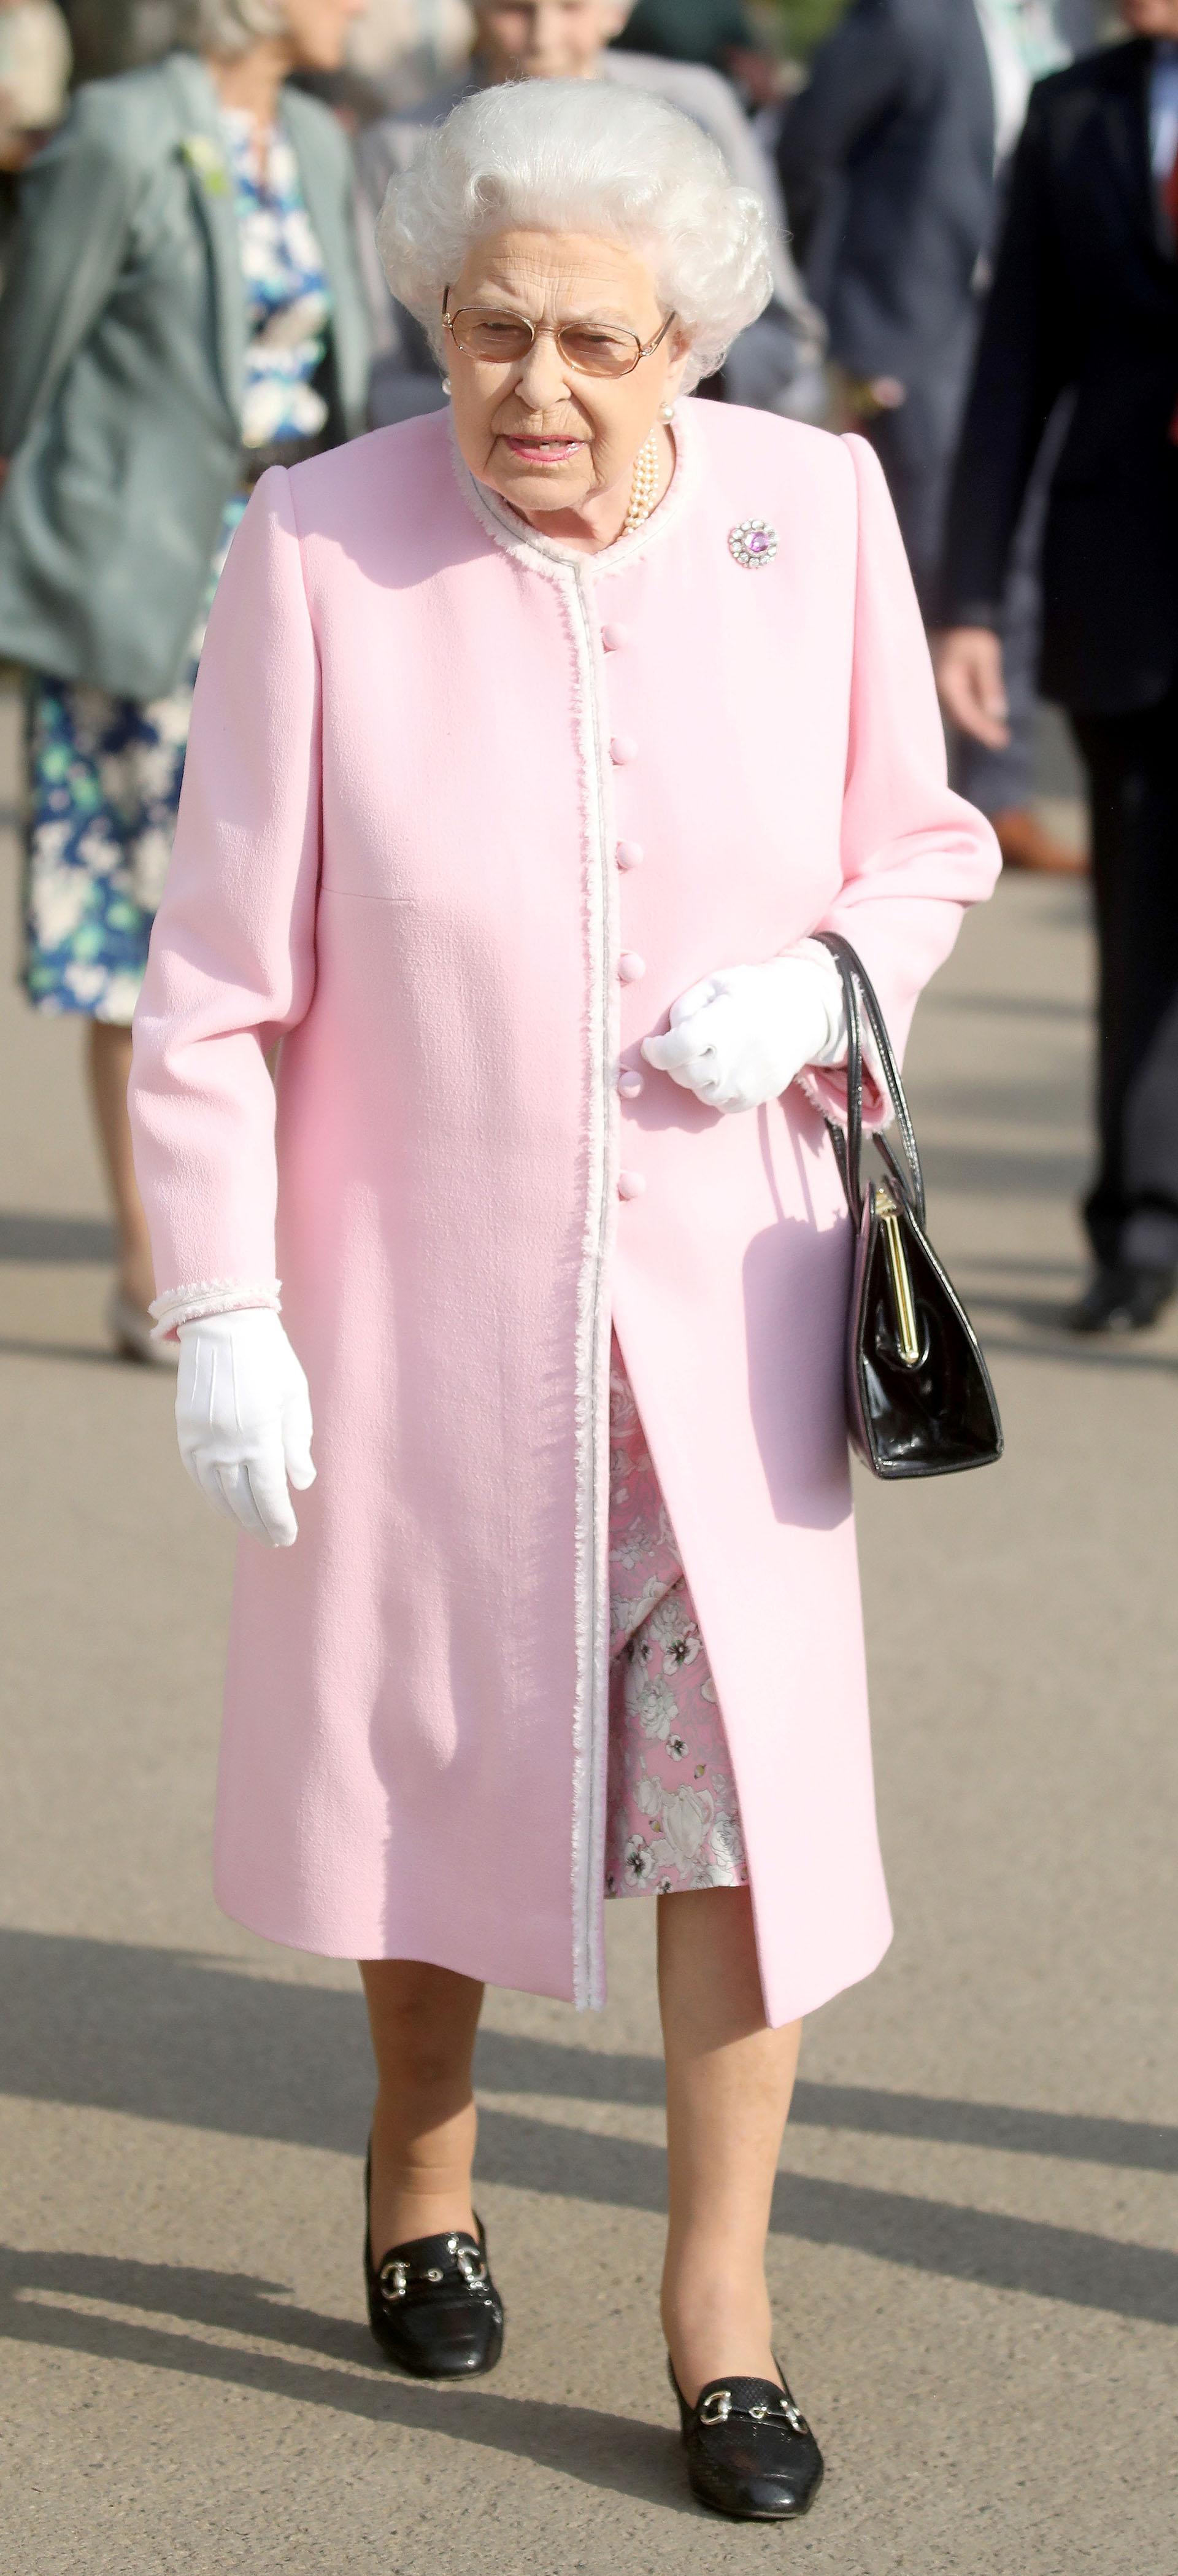 Fiel a su tradicional estilo monocromo, lució un tapado rosa con detalles pequeños en blanco. Debajo, asomaba la falda floreada de su vestido